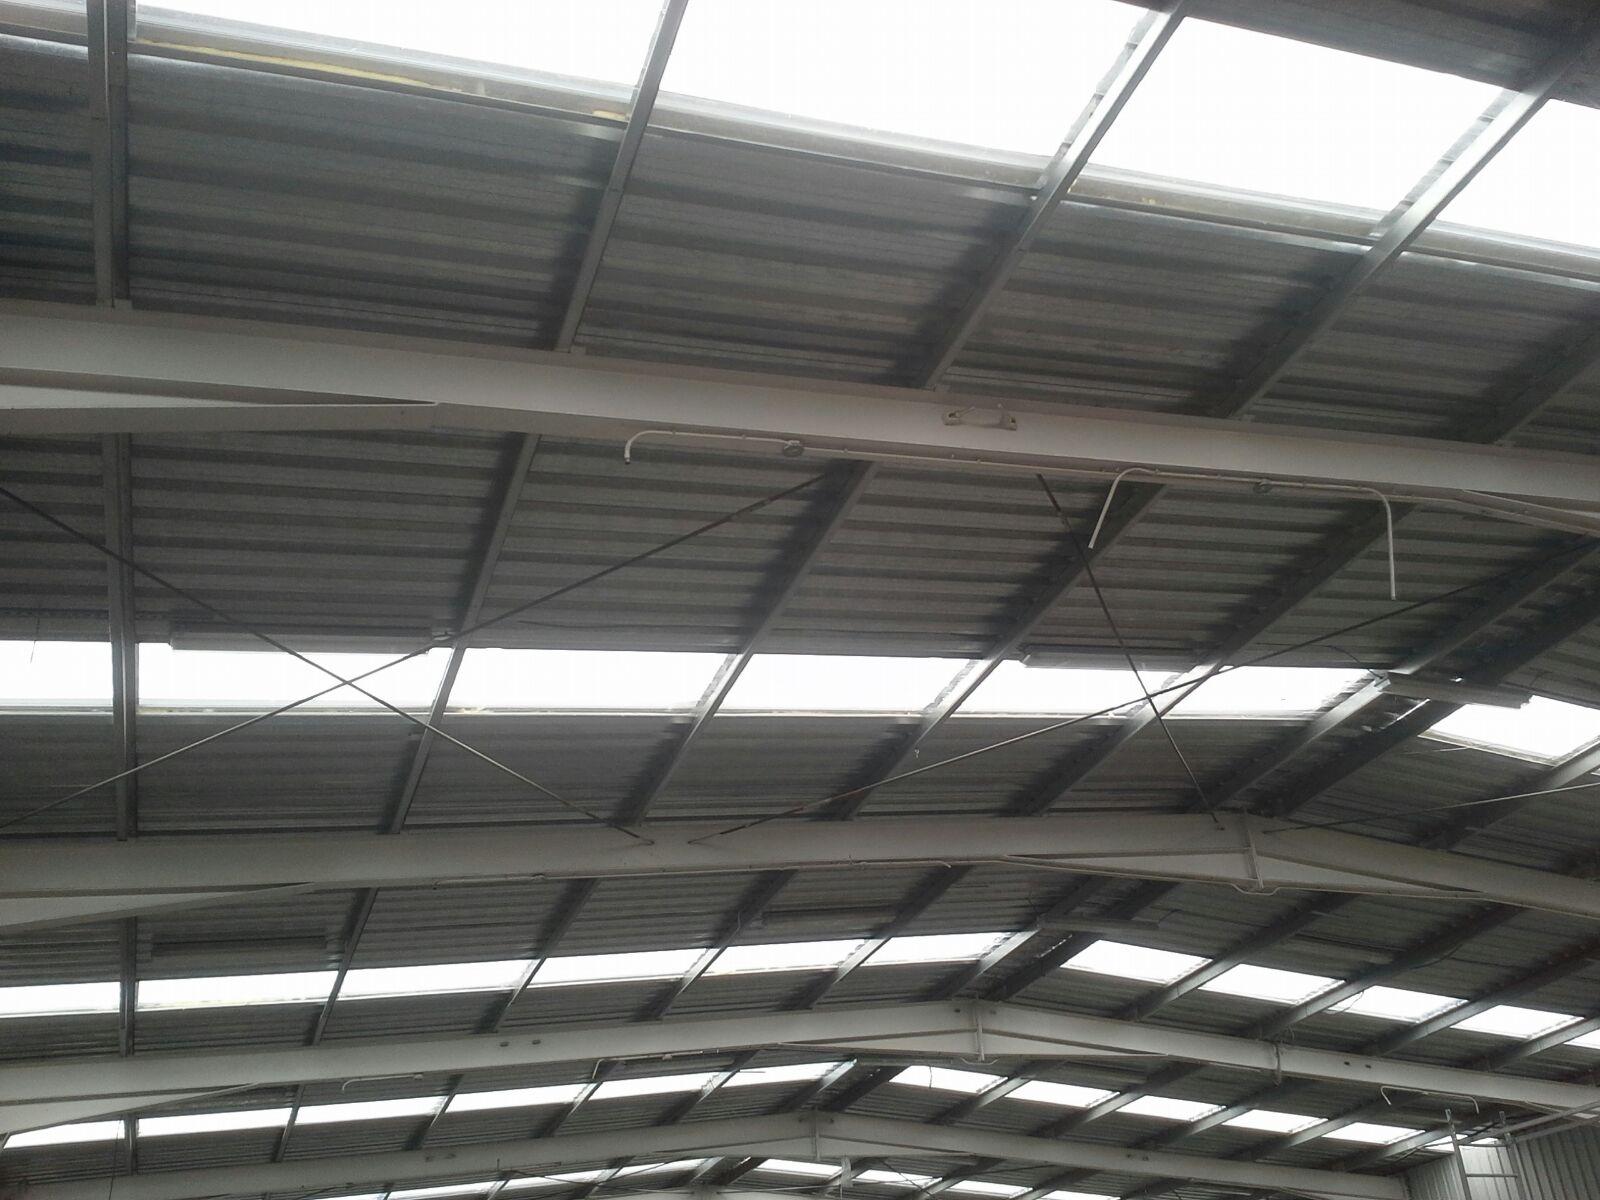 Montar un tejado nuevo encima de la uralita con panel - Tejados de uralita ...